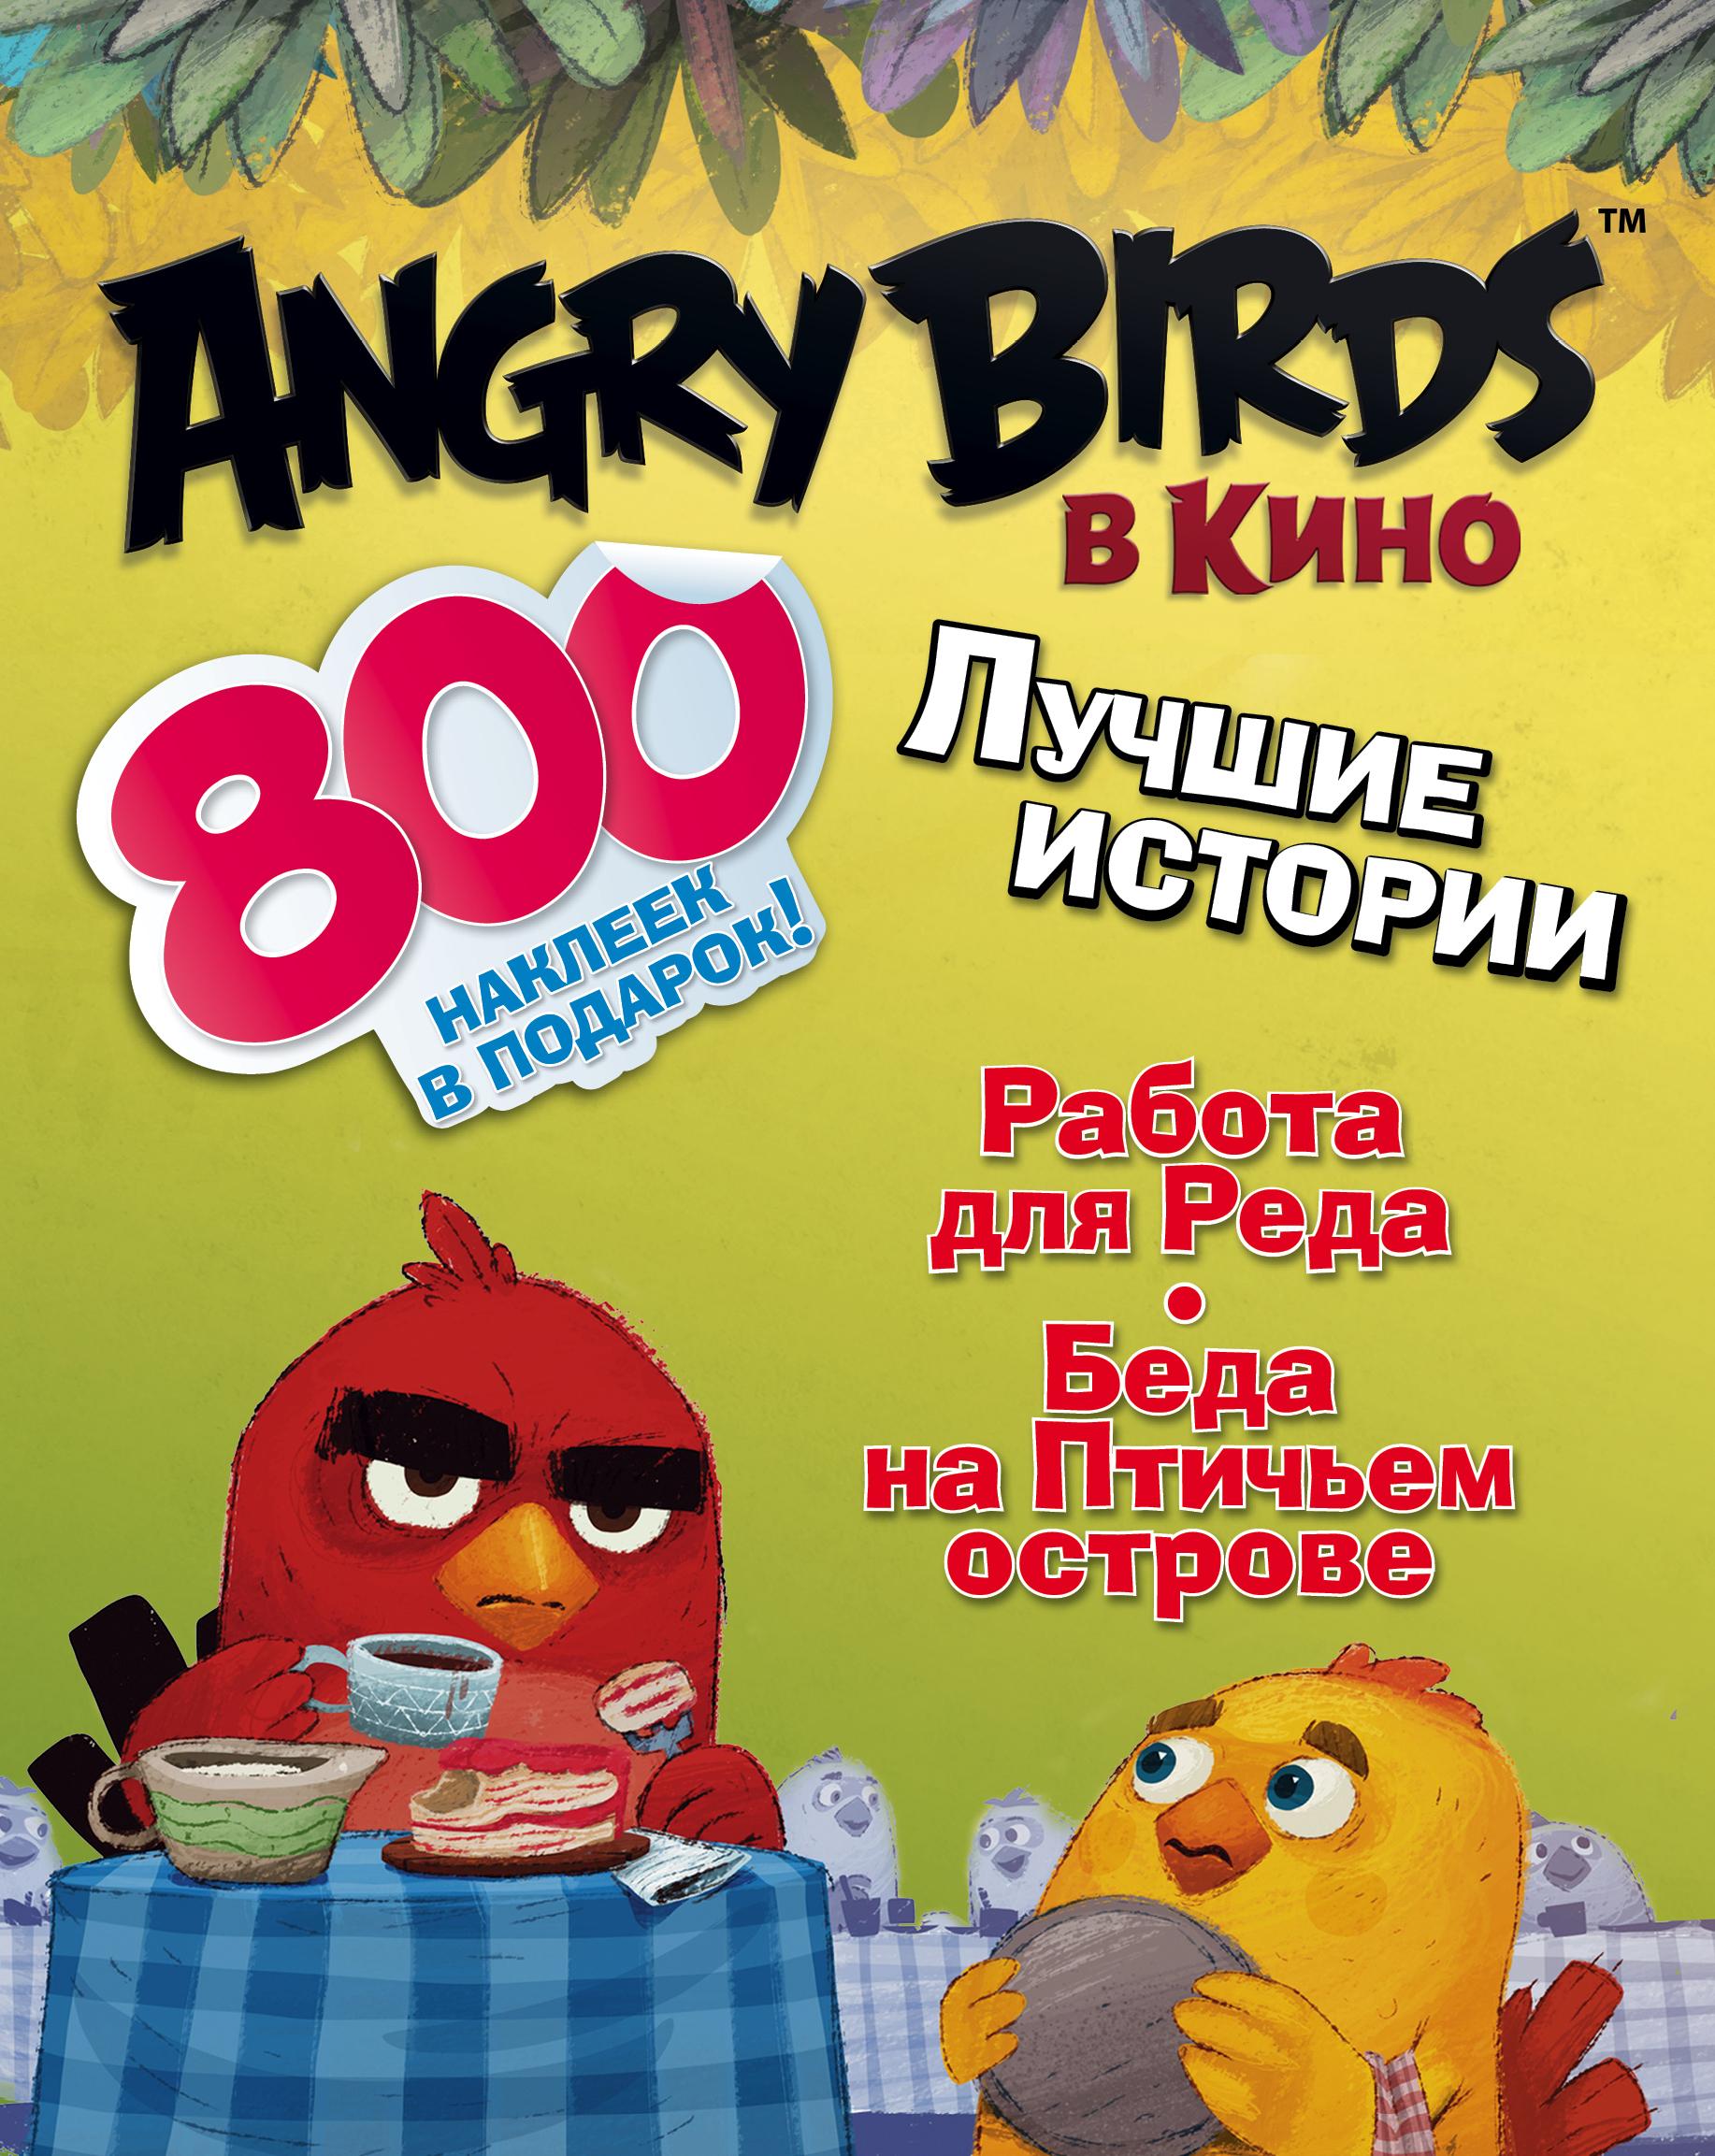 Стивенс С. Angry birds в кино: Лучшие истории (с наклейками) angry birds в кино dvd